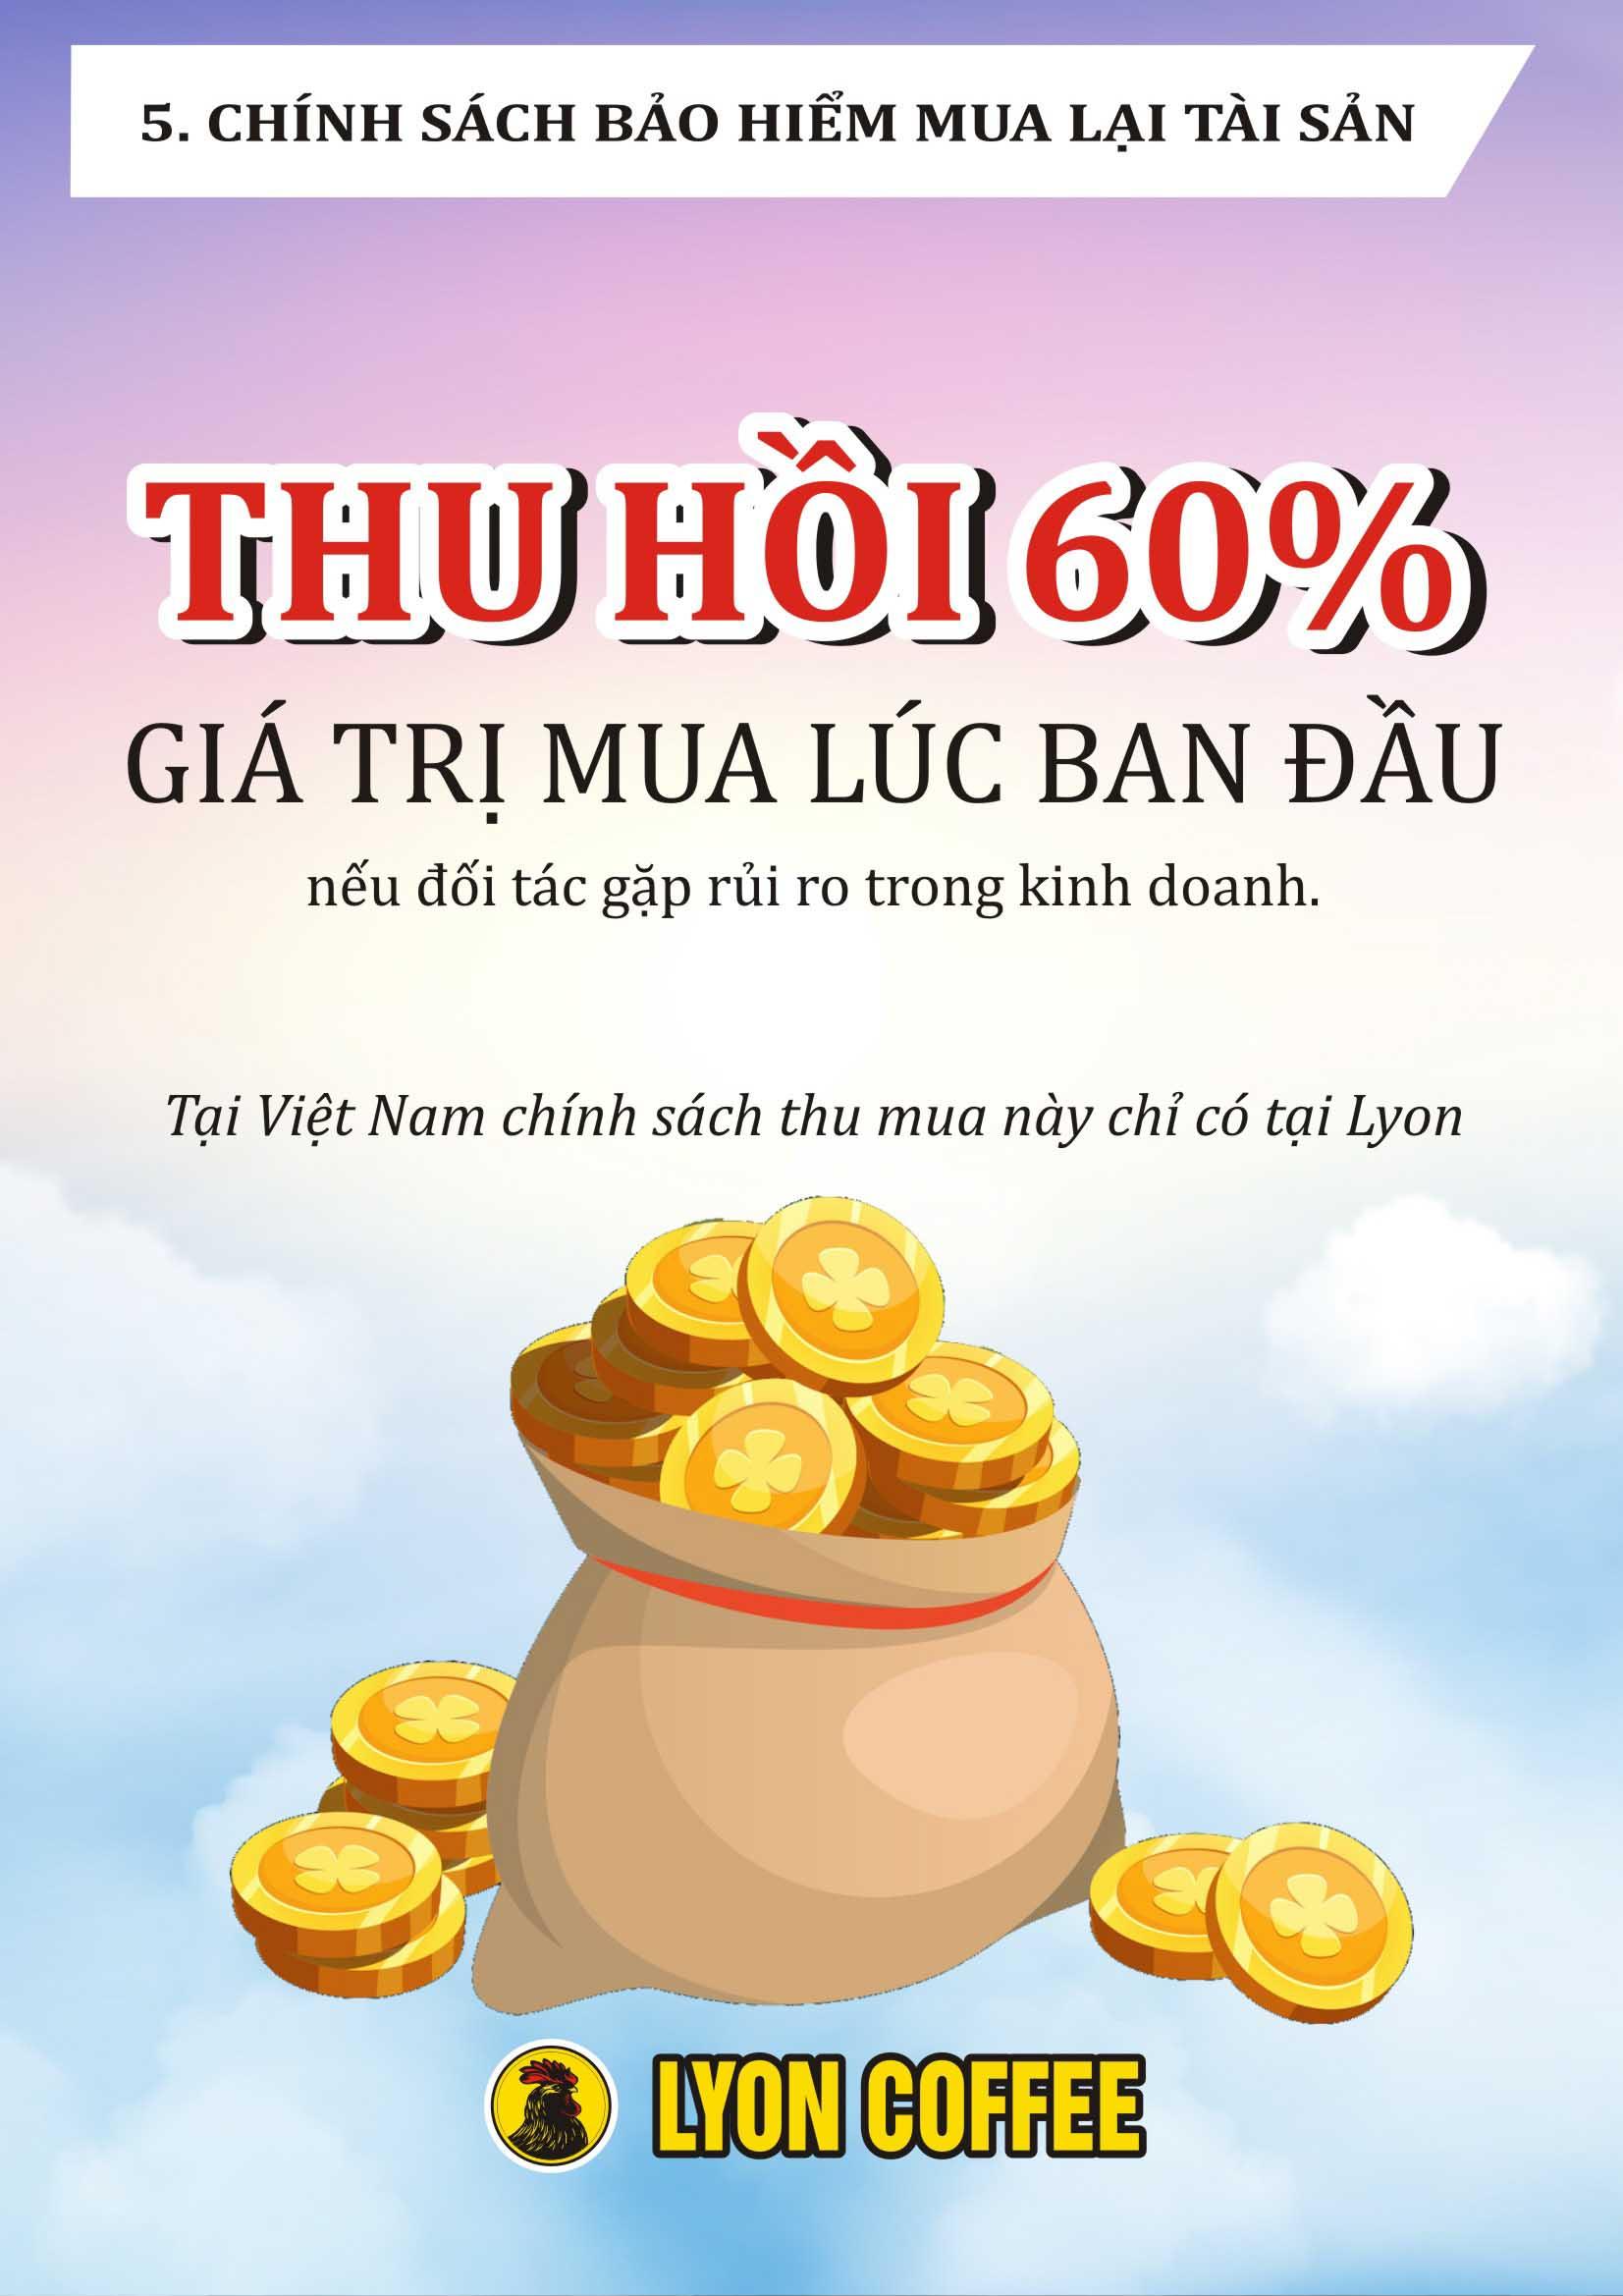 Tại Việt Nam, chỉ tại Lyon Coffee mới có chính sách bảo hiểm 60%